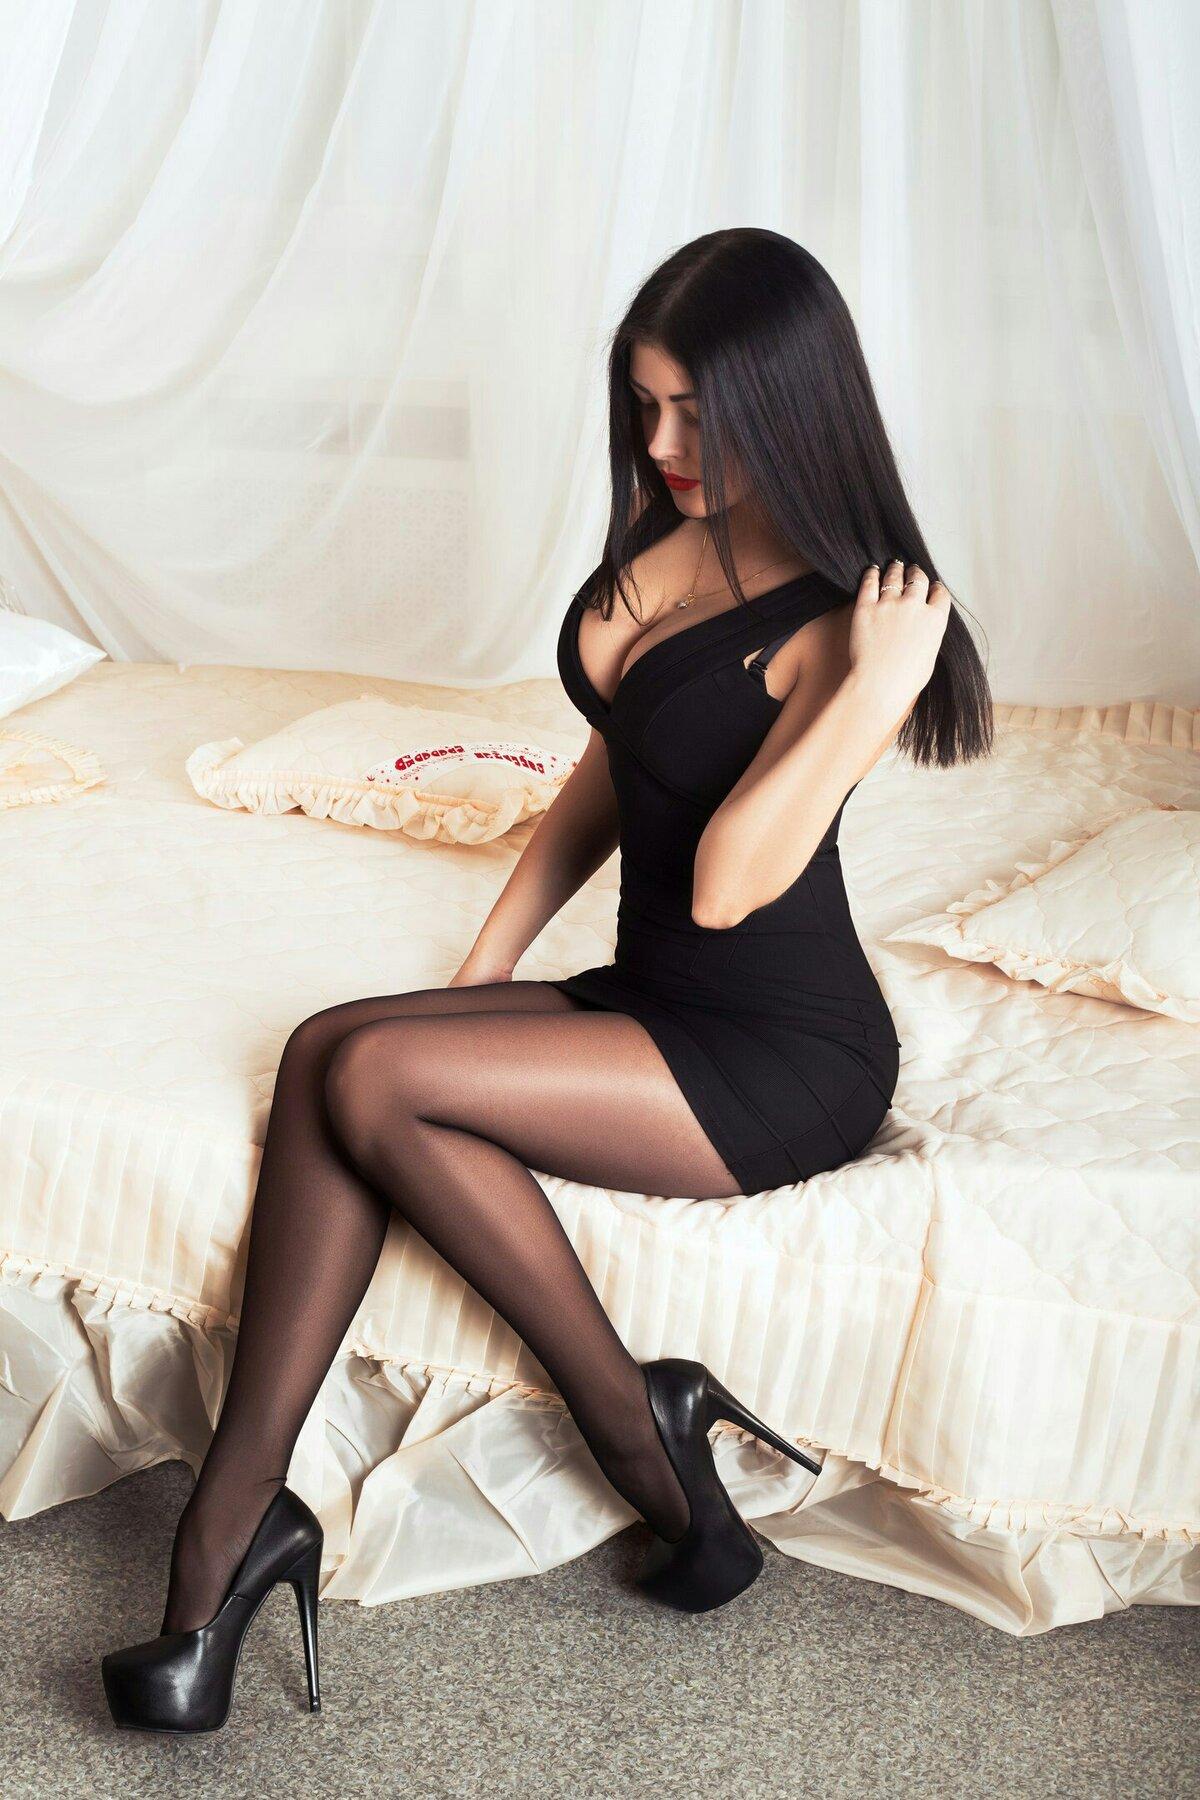 брюнетки в мини платьях секси фото - 1